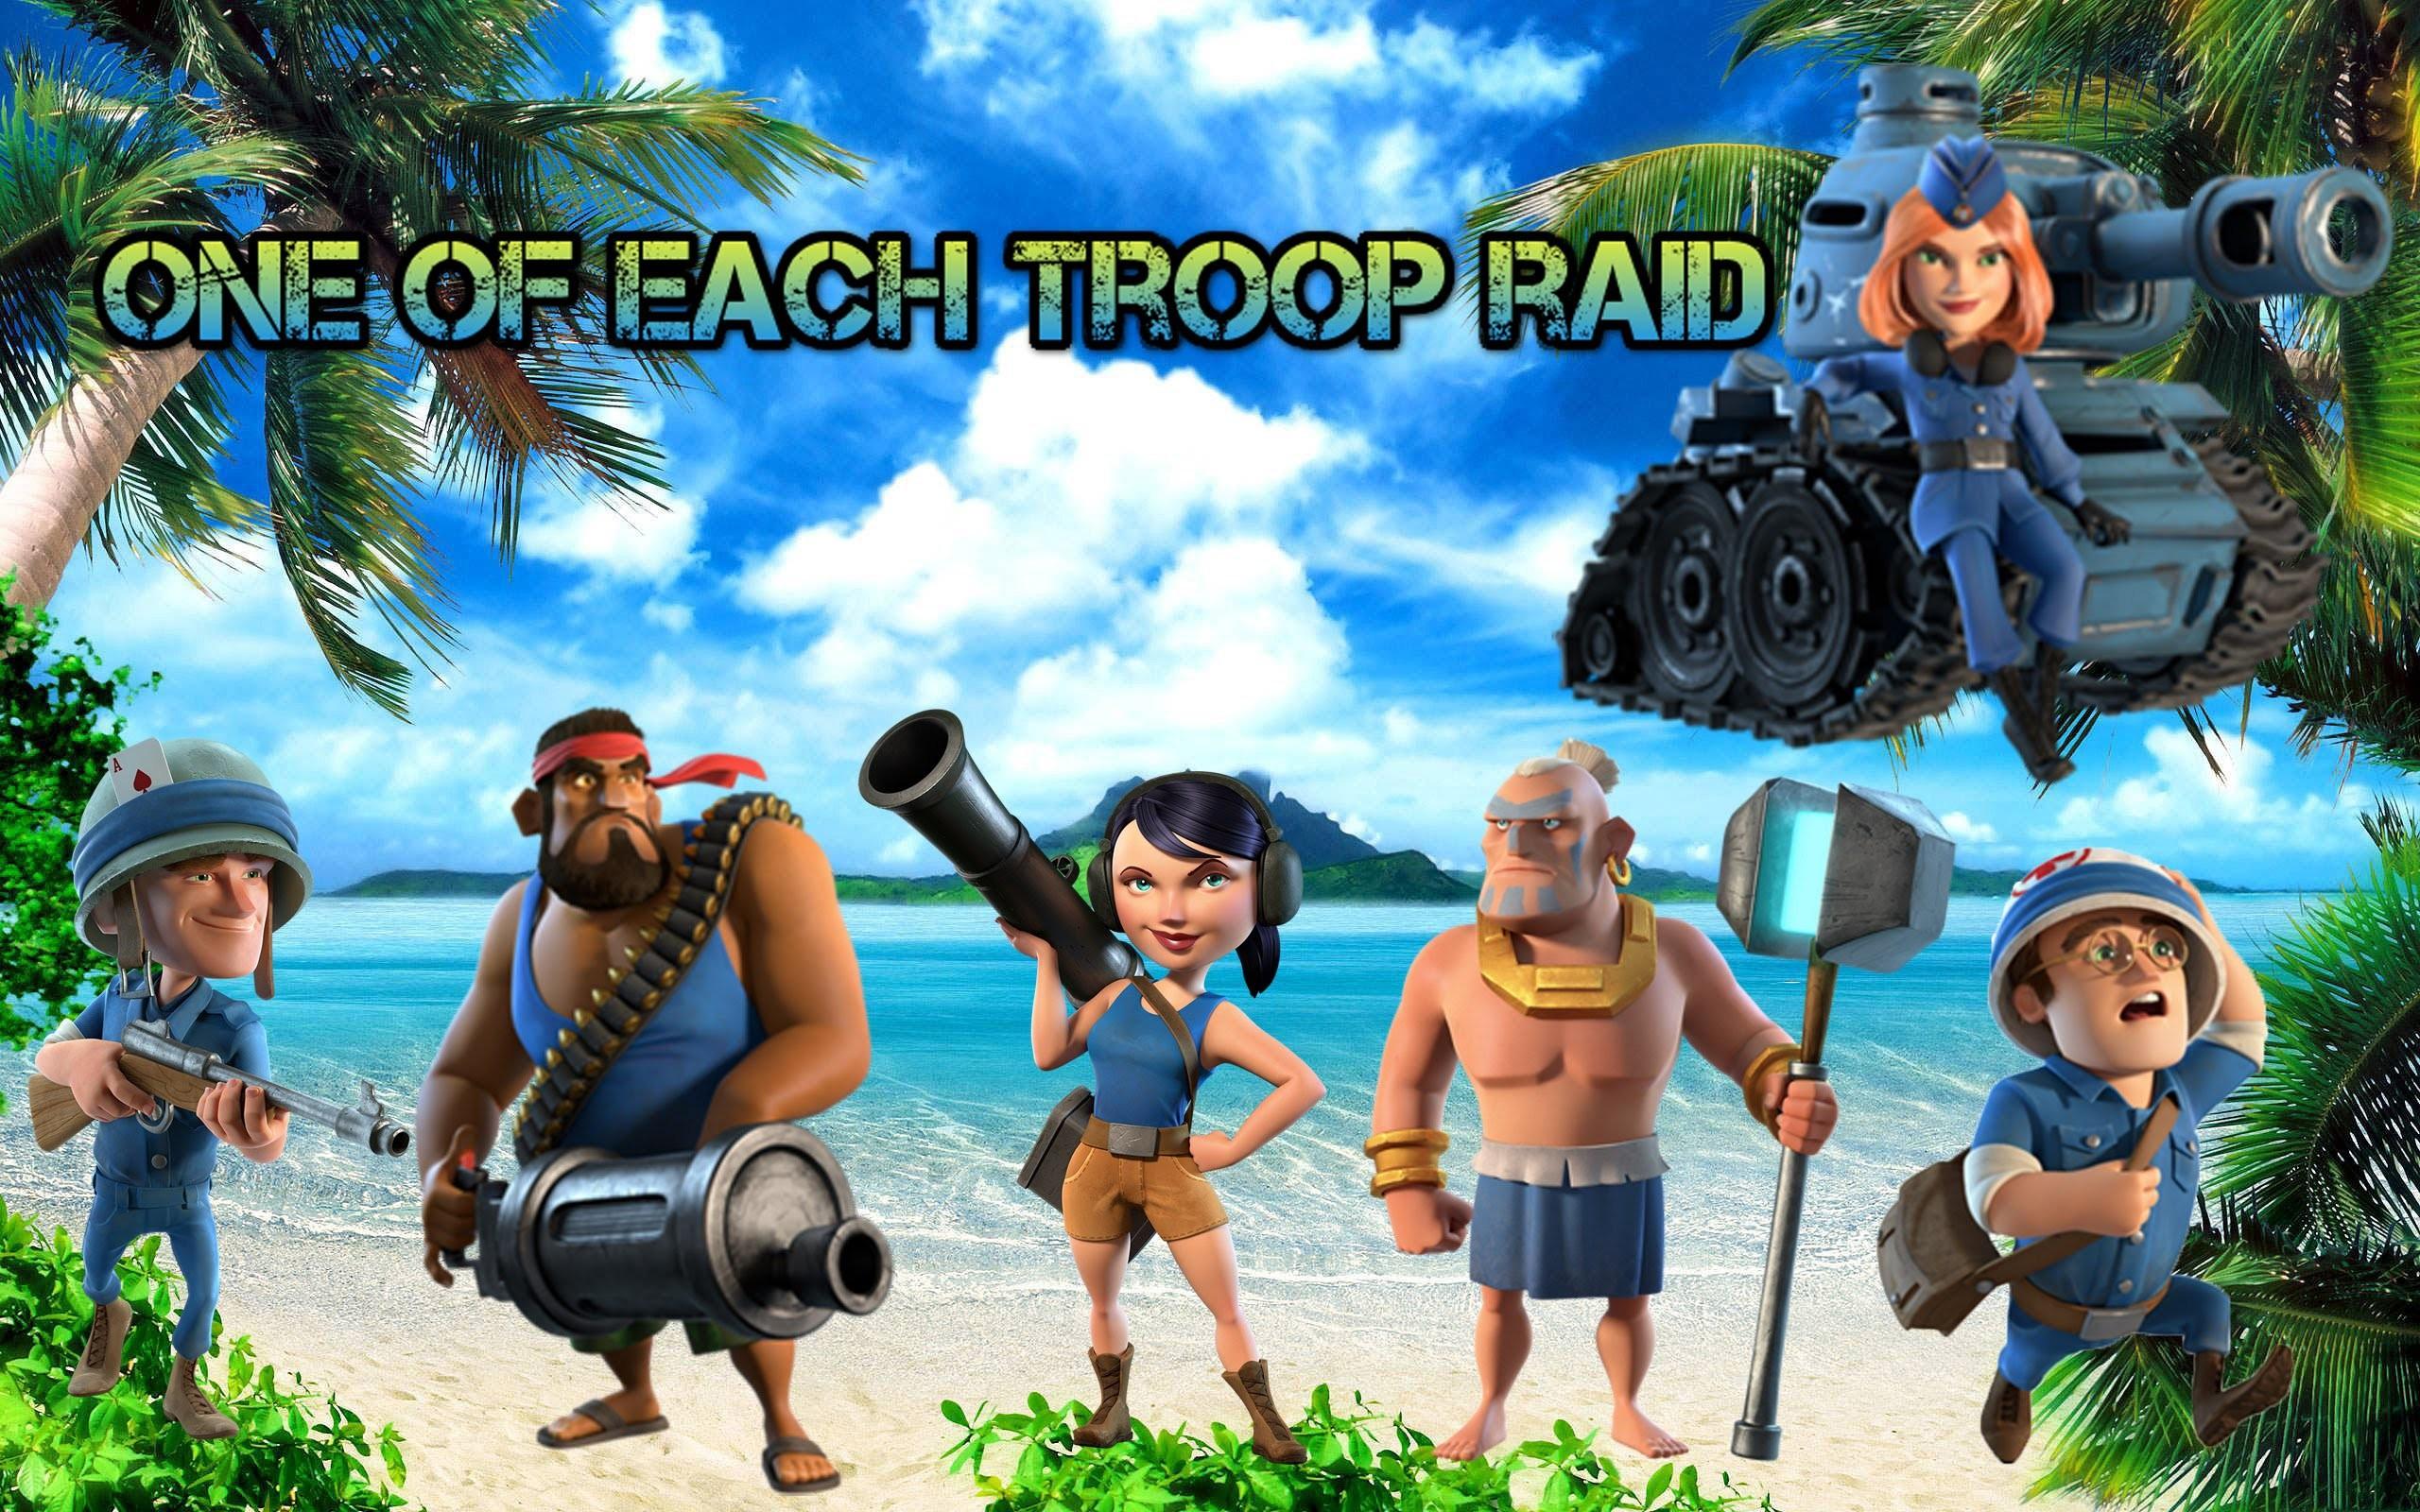 boom beach one of every troop raid epic ending